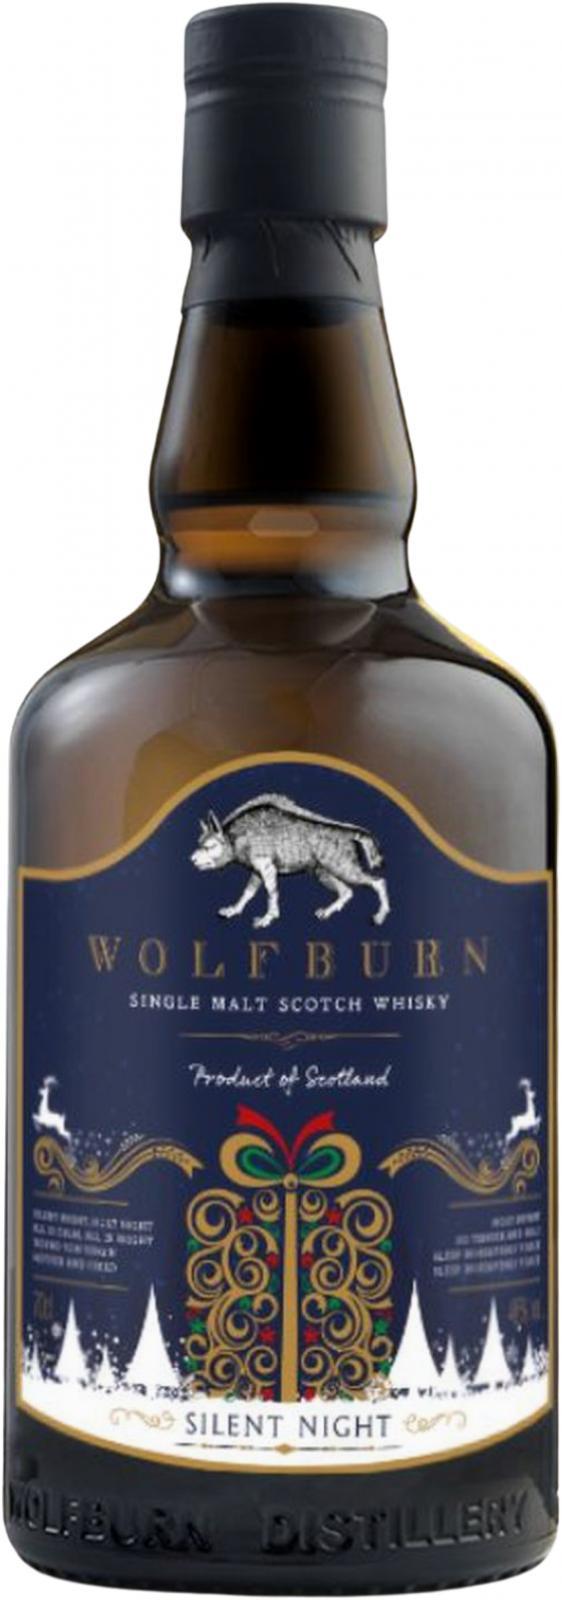 Wolfburn Stille Nacht